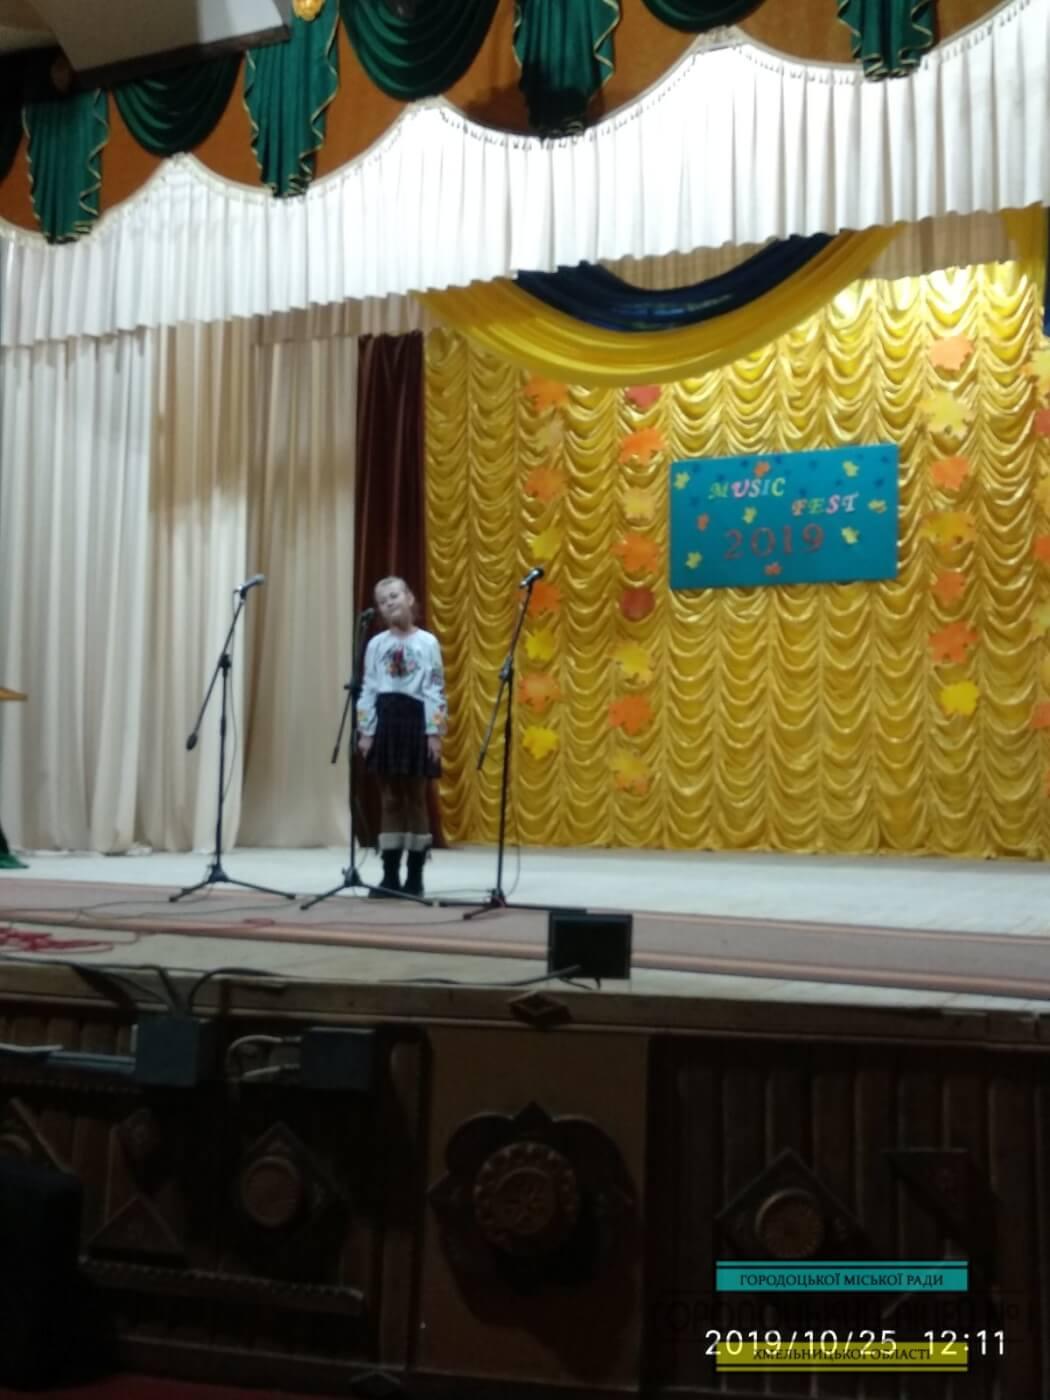 zobrazhennya viber 2019 10 31 14 29 37 - Music Fest «Городоцька осінь 2019»